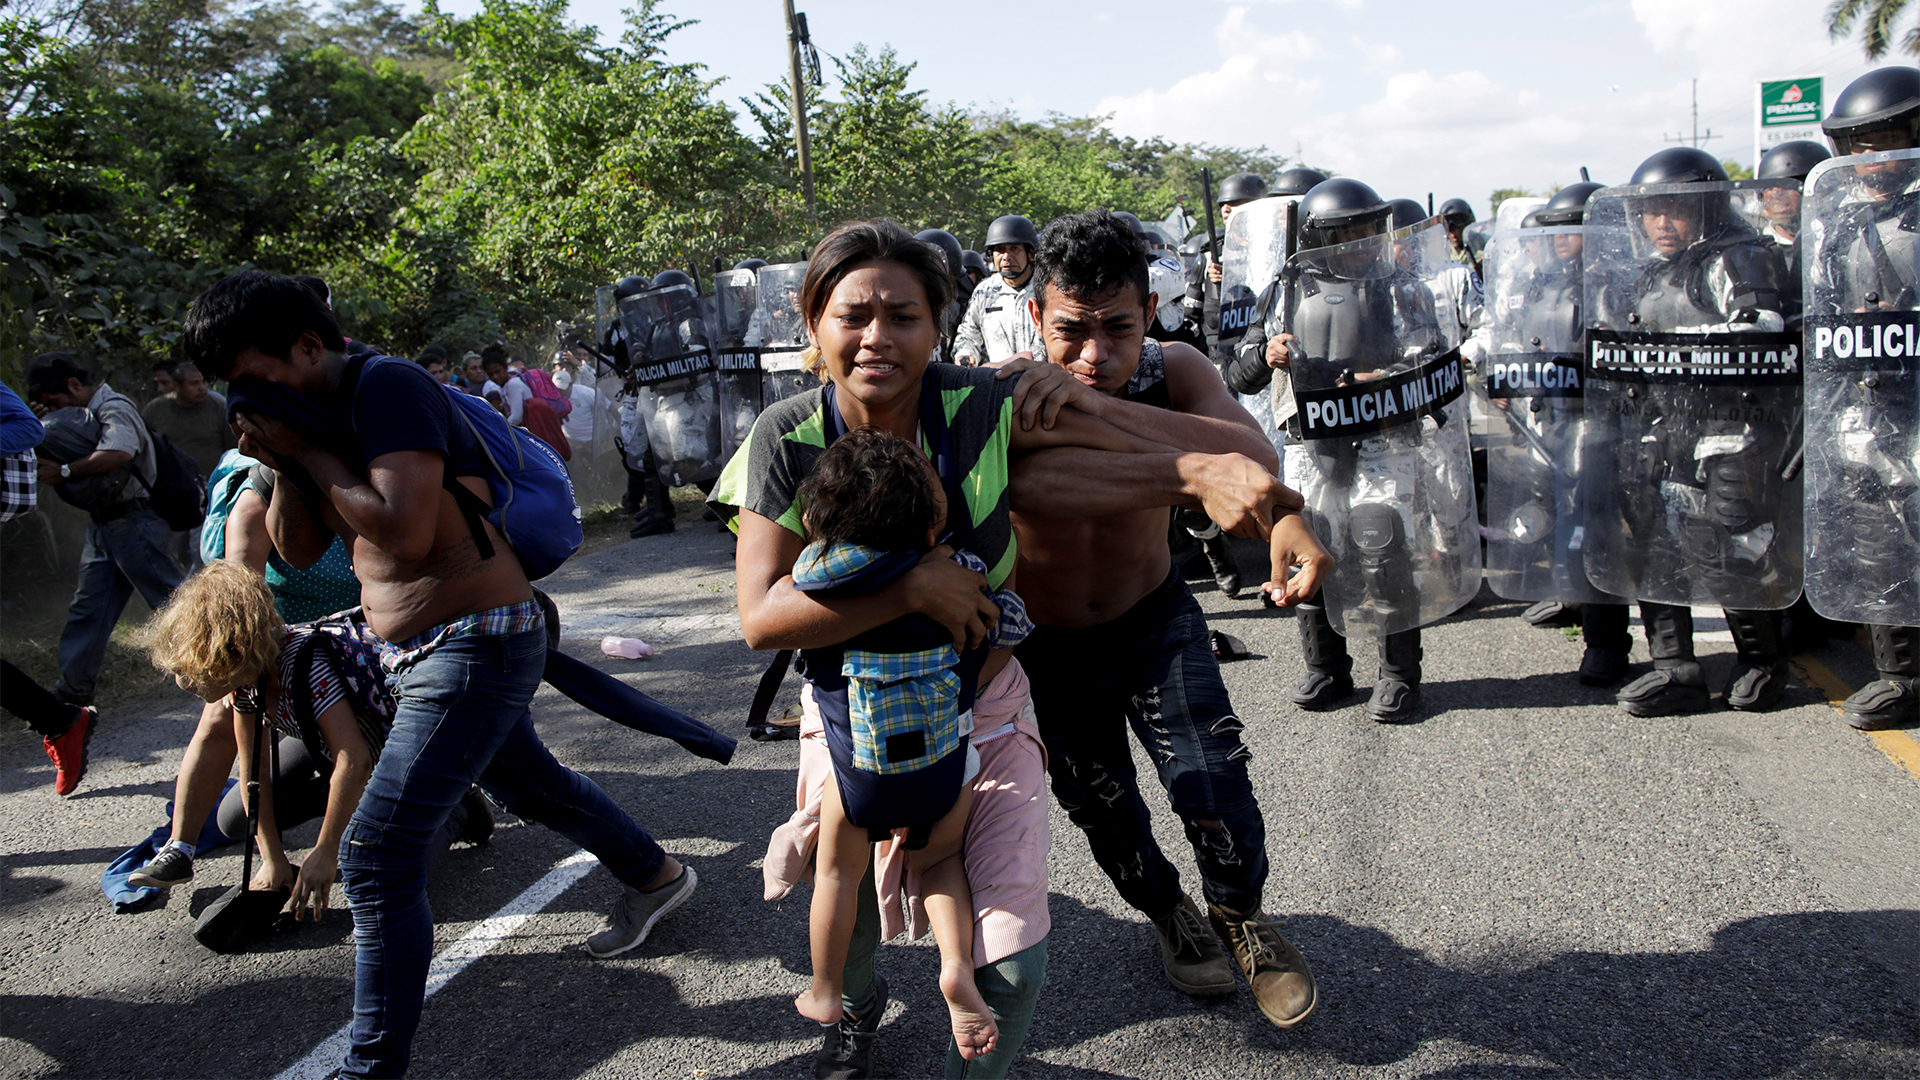 Con equipo antimotines los integrantes de la caravana migrantes fueron dispersados por la Guardia Nacional (Foto: Andrés Martínez Casares/Reuters)